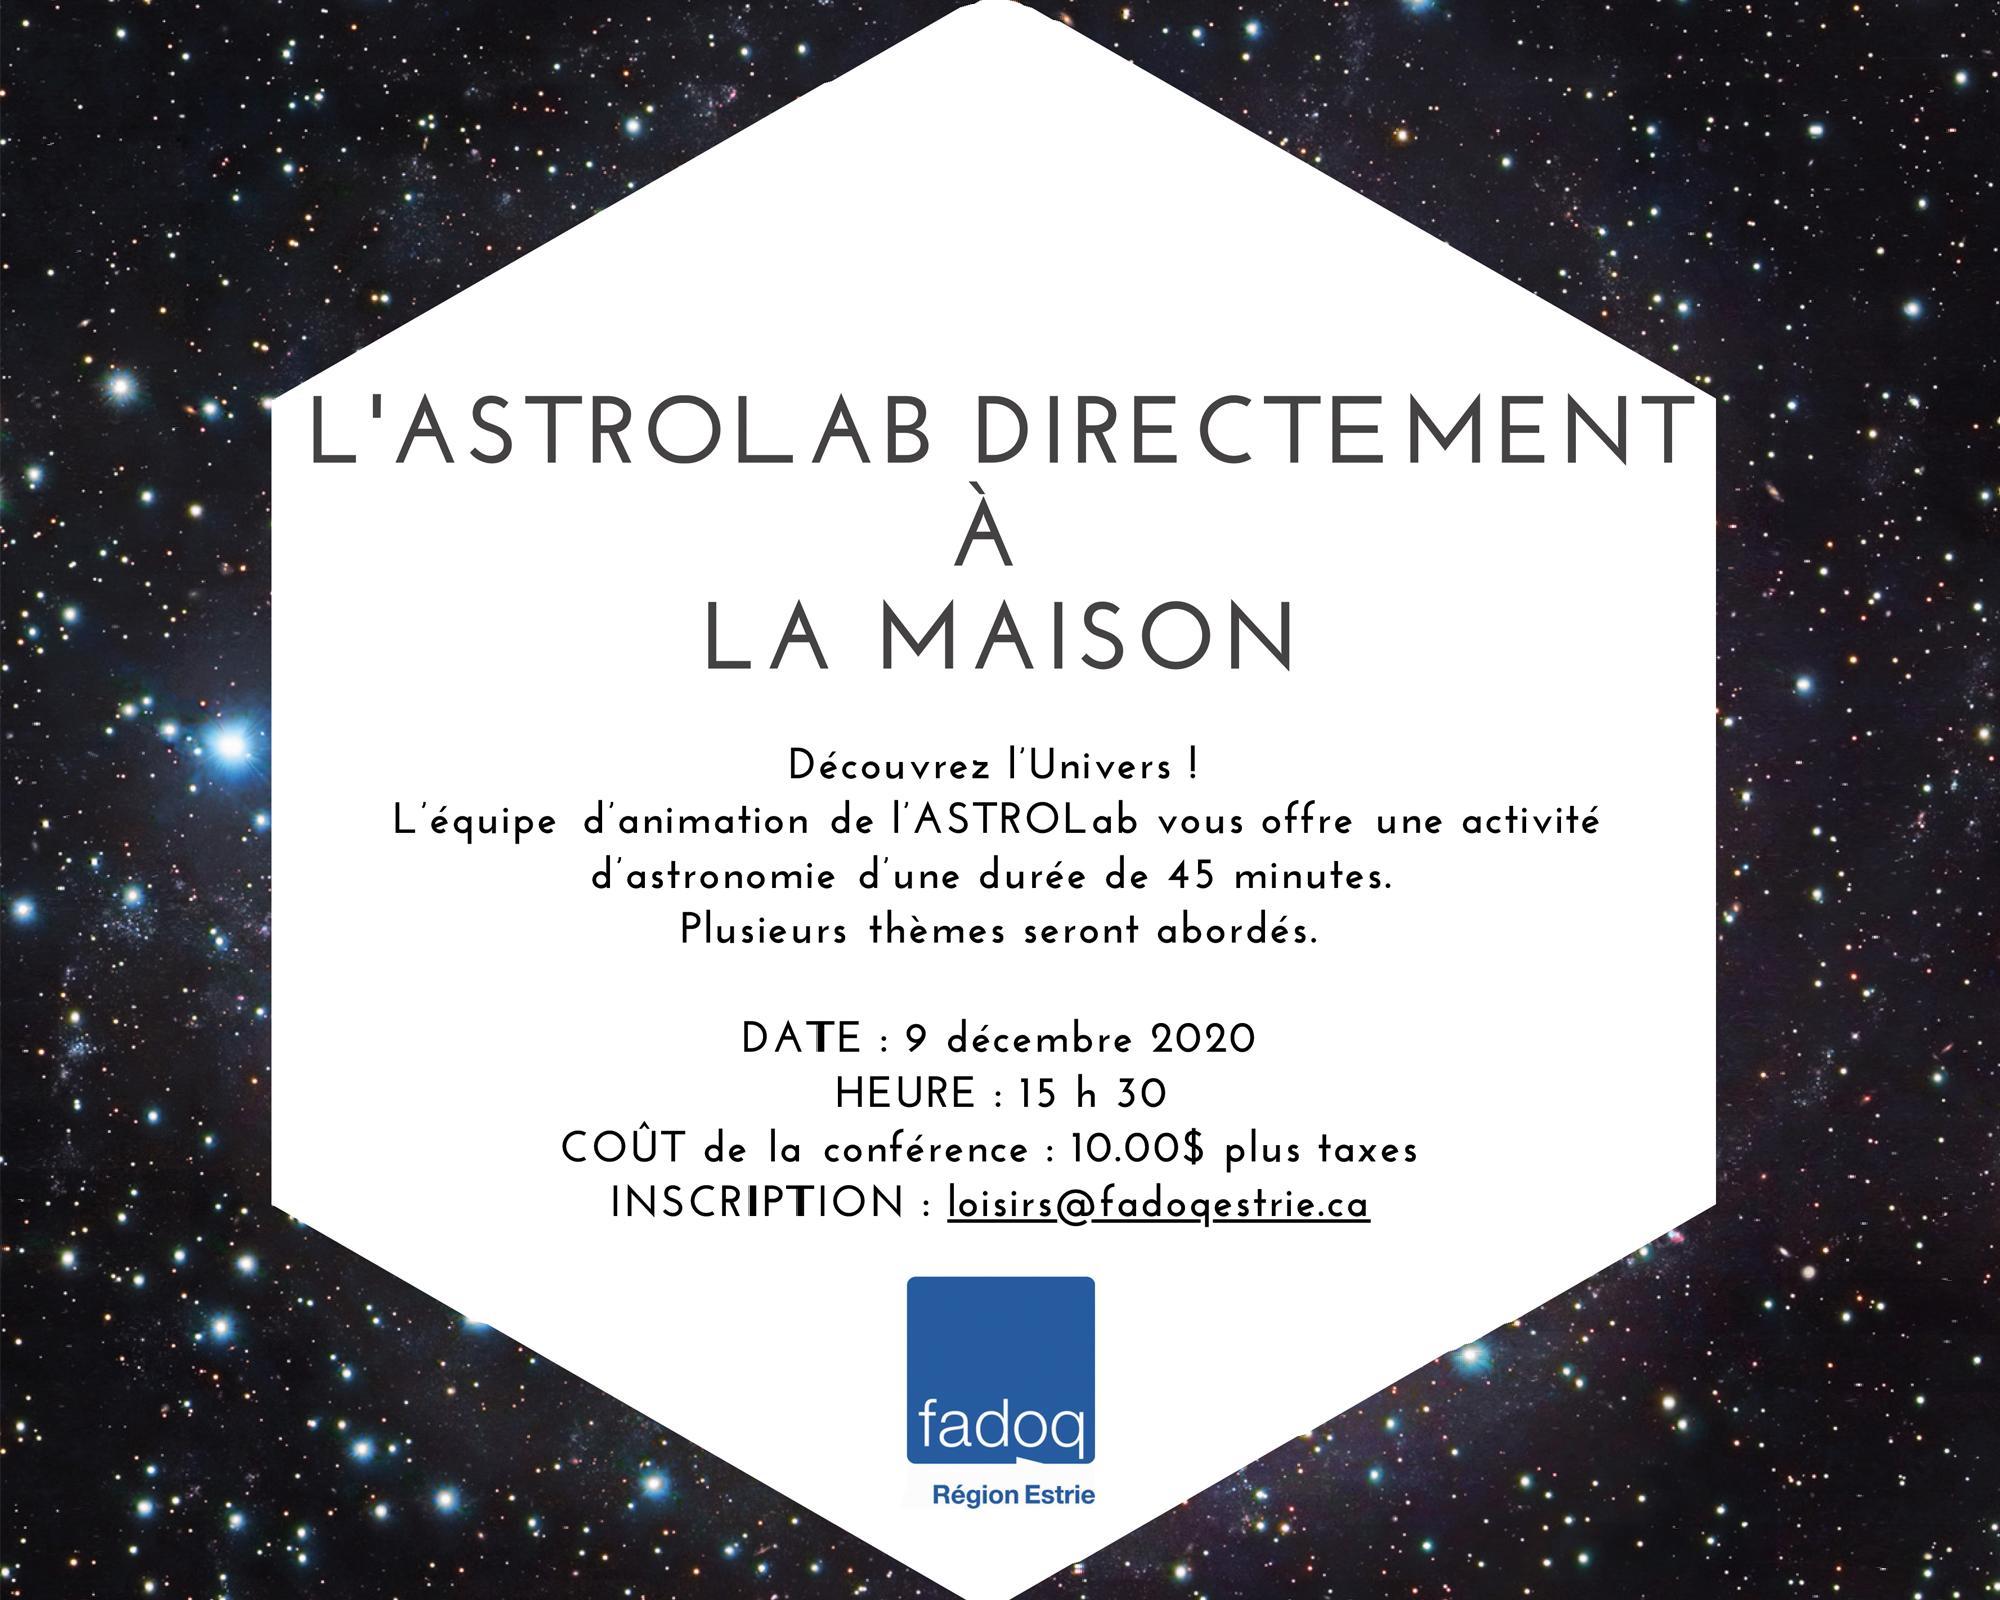 Conférence virtuelle de l'Astrolab